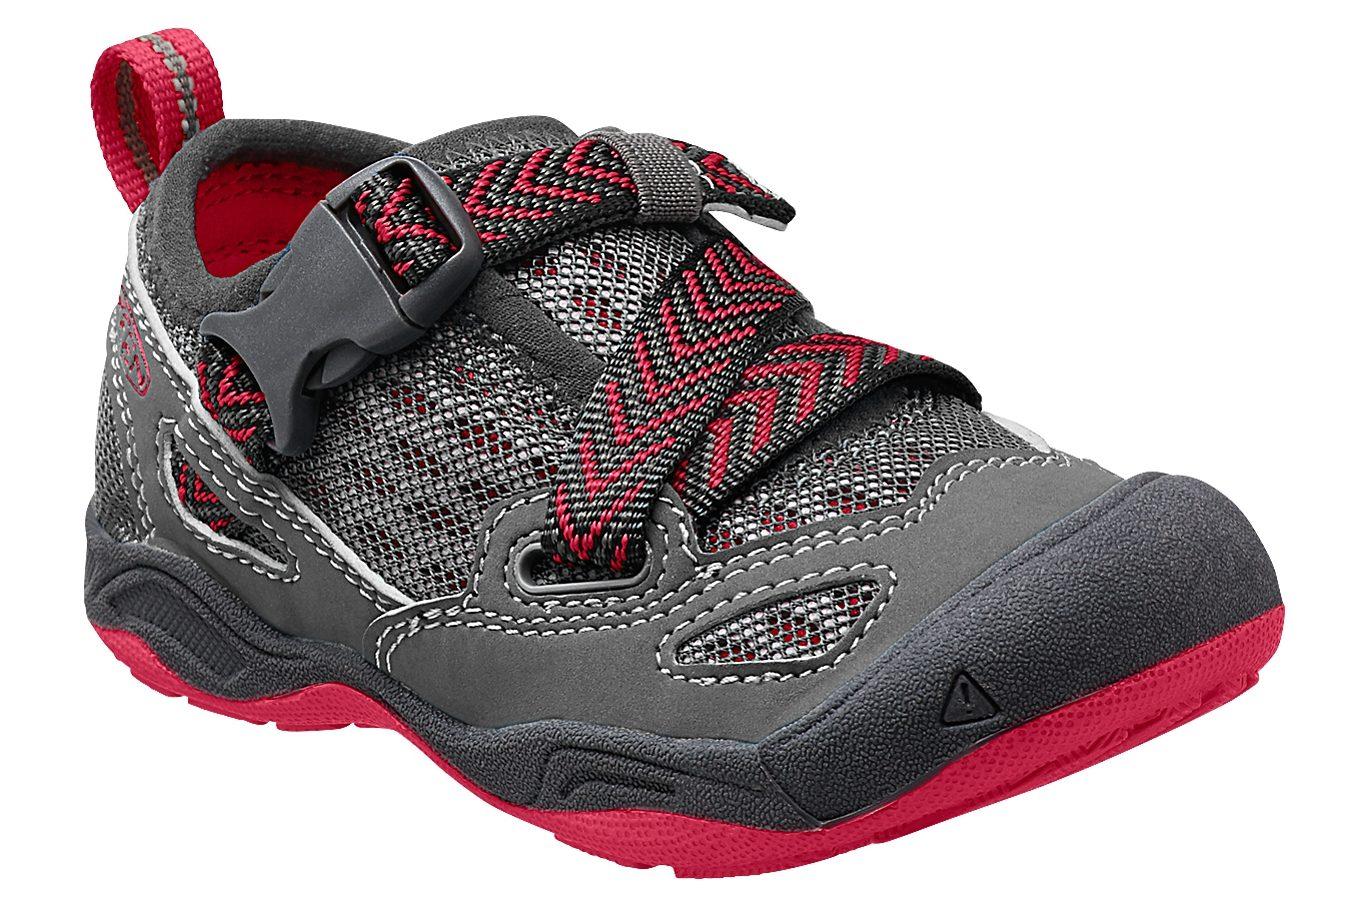 Keen Halbschuhe »Komodo Dragon Shoes Youth«